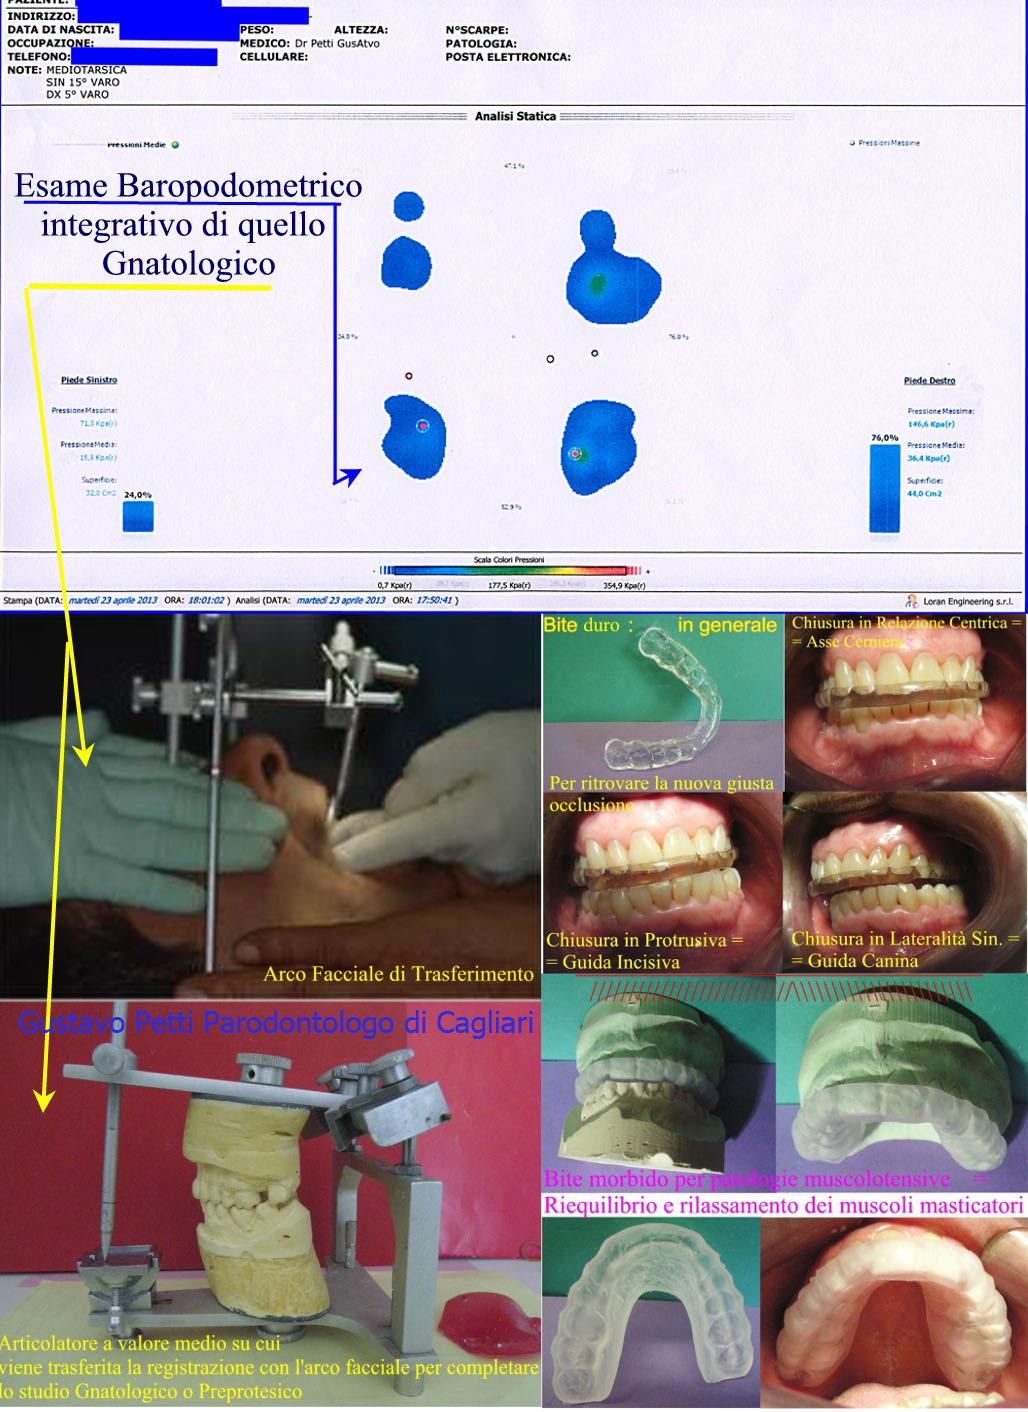 analisi-gnatologica-dr-g.petti-cagliari-185.jpg